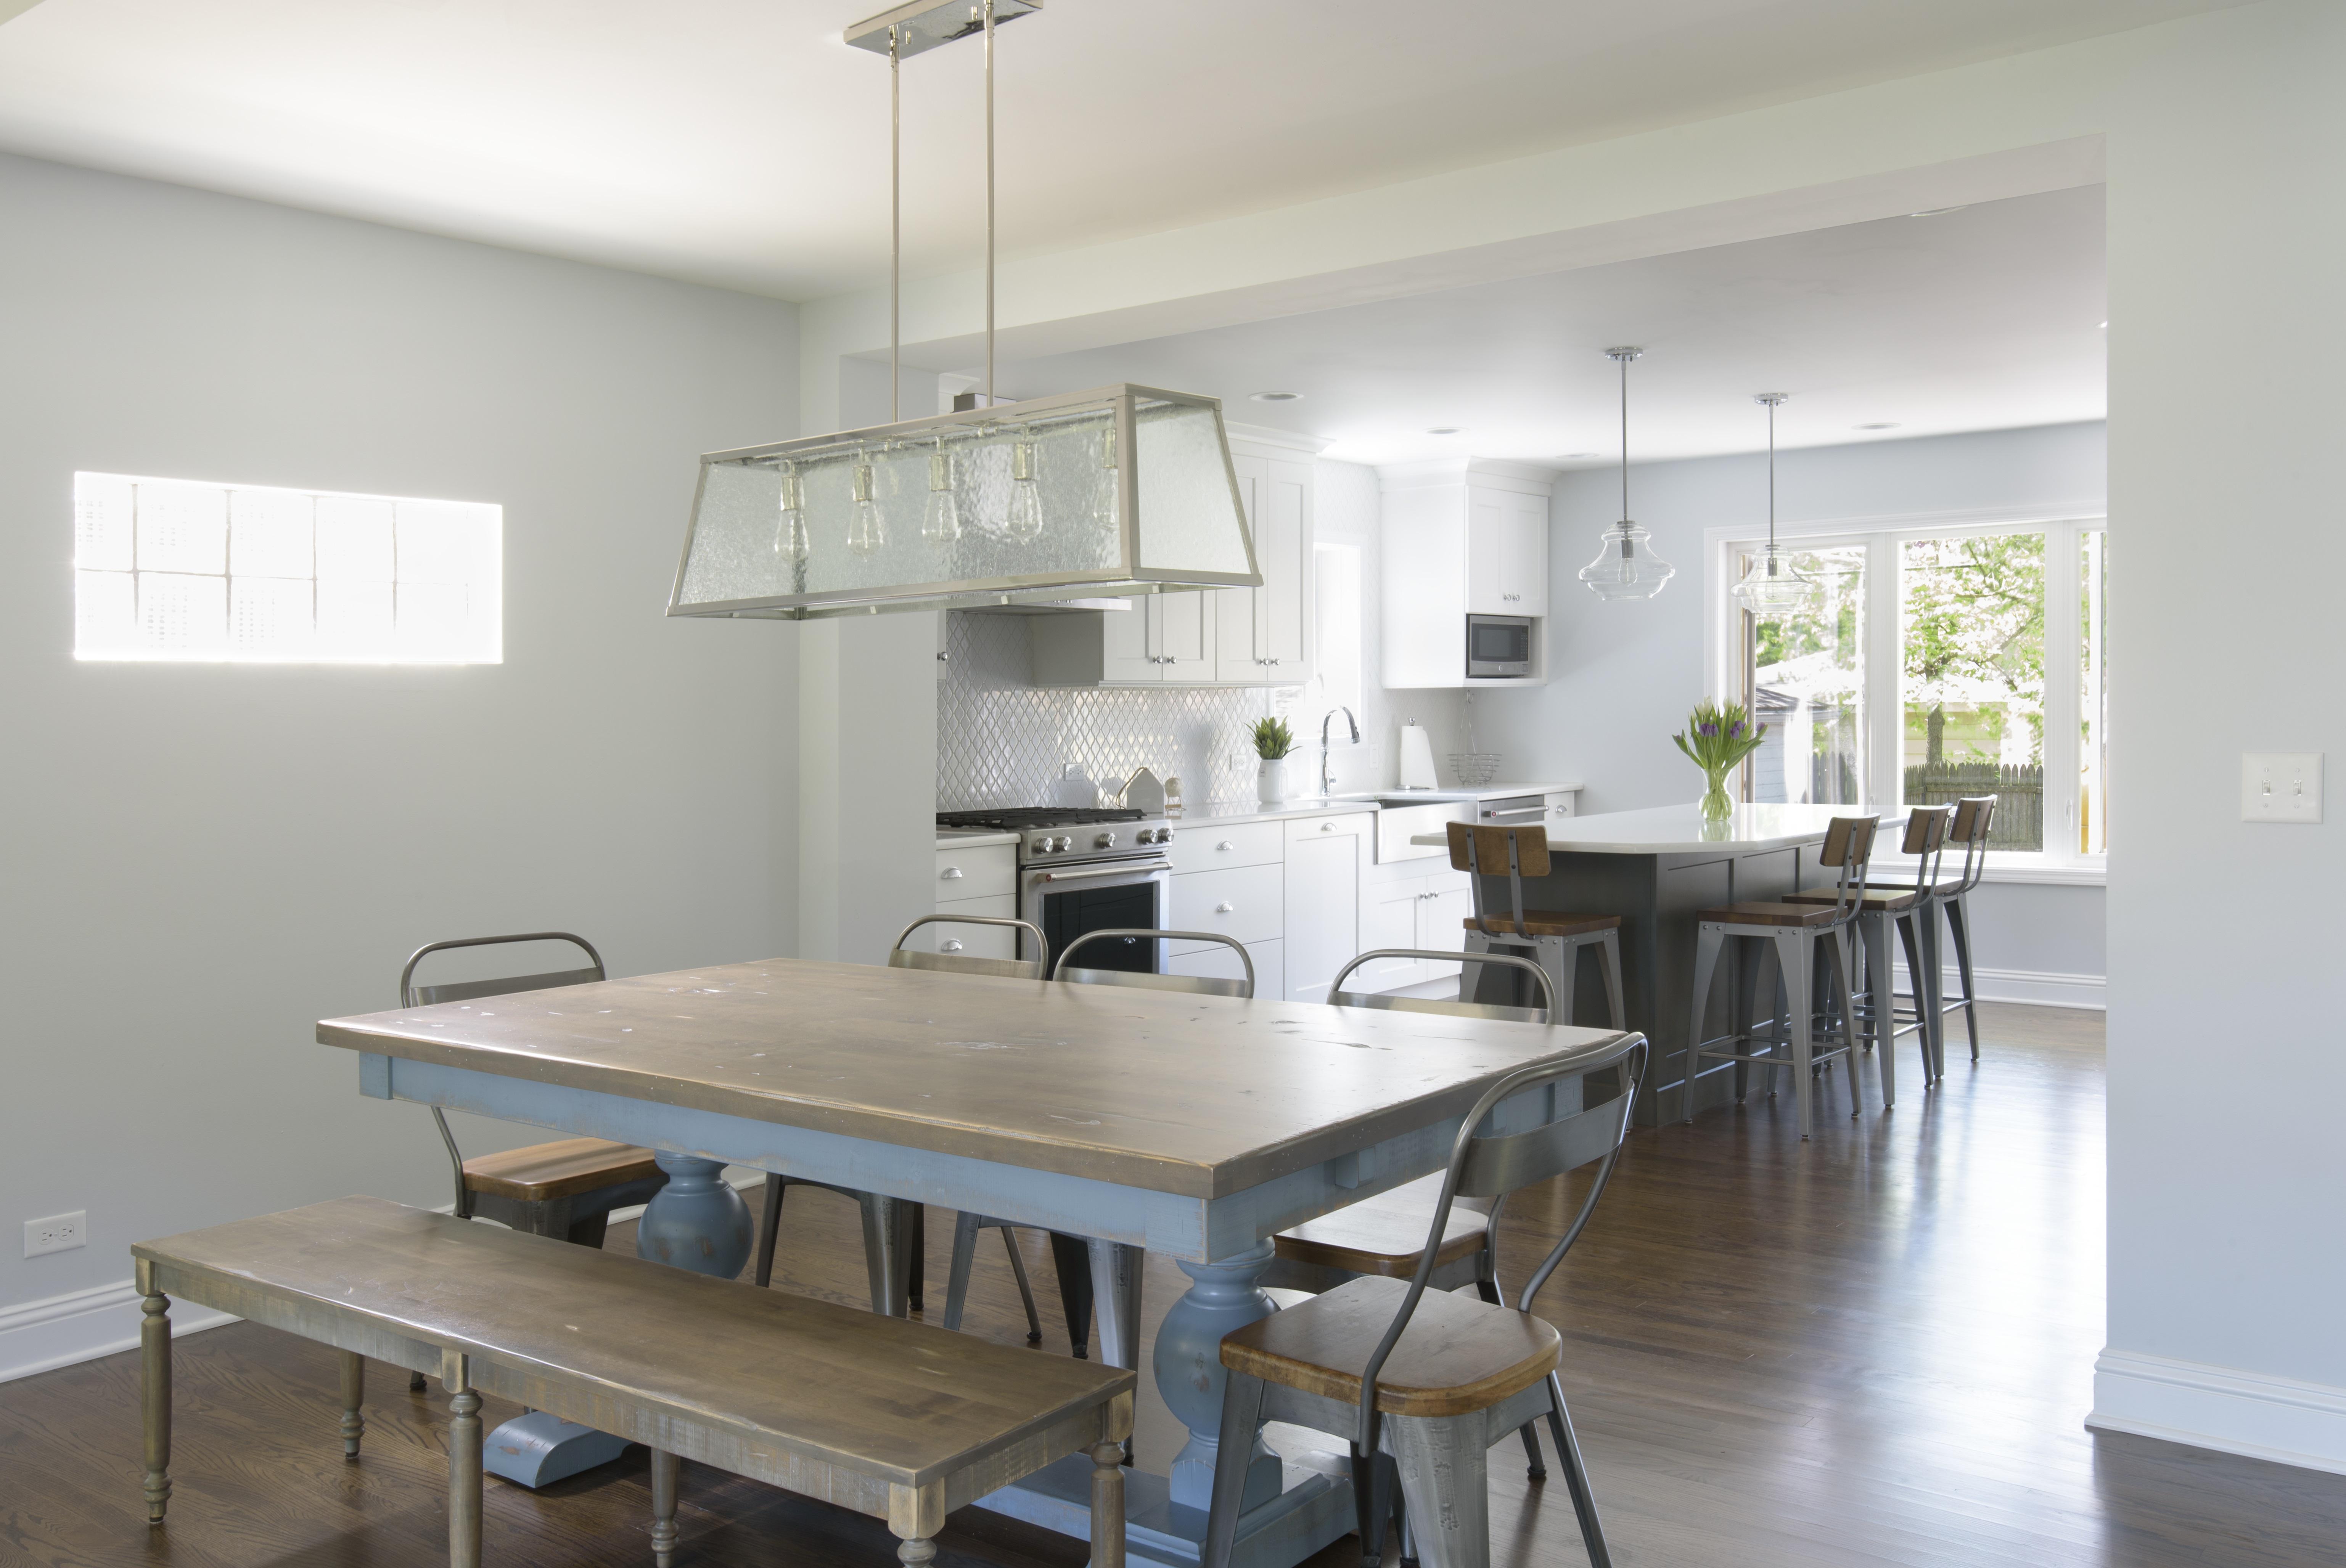 Naperville kitchen remodeling - Bradford and Kent Custom Remodeling